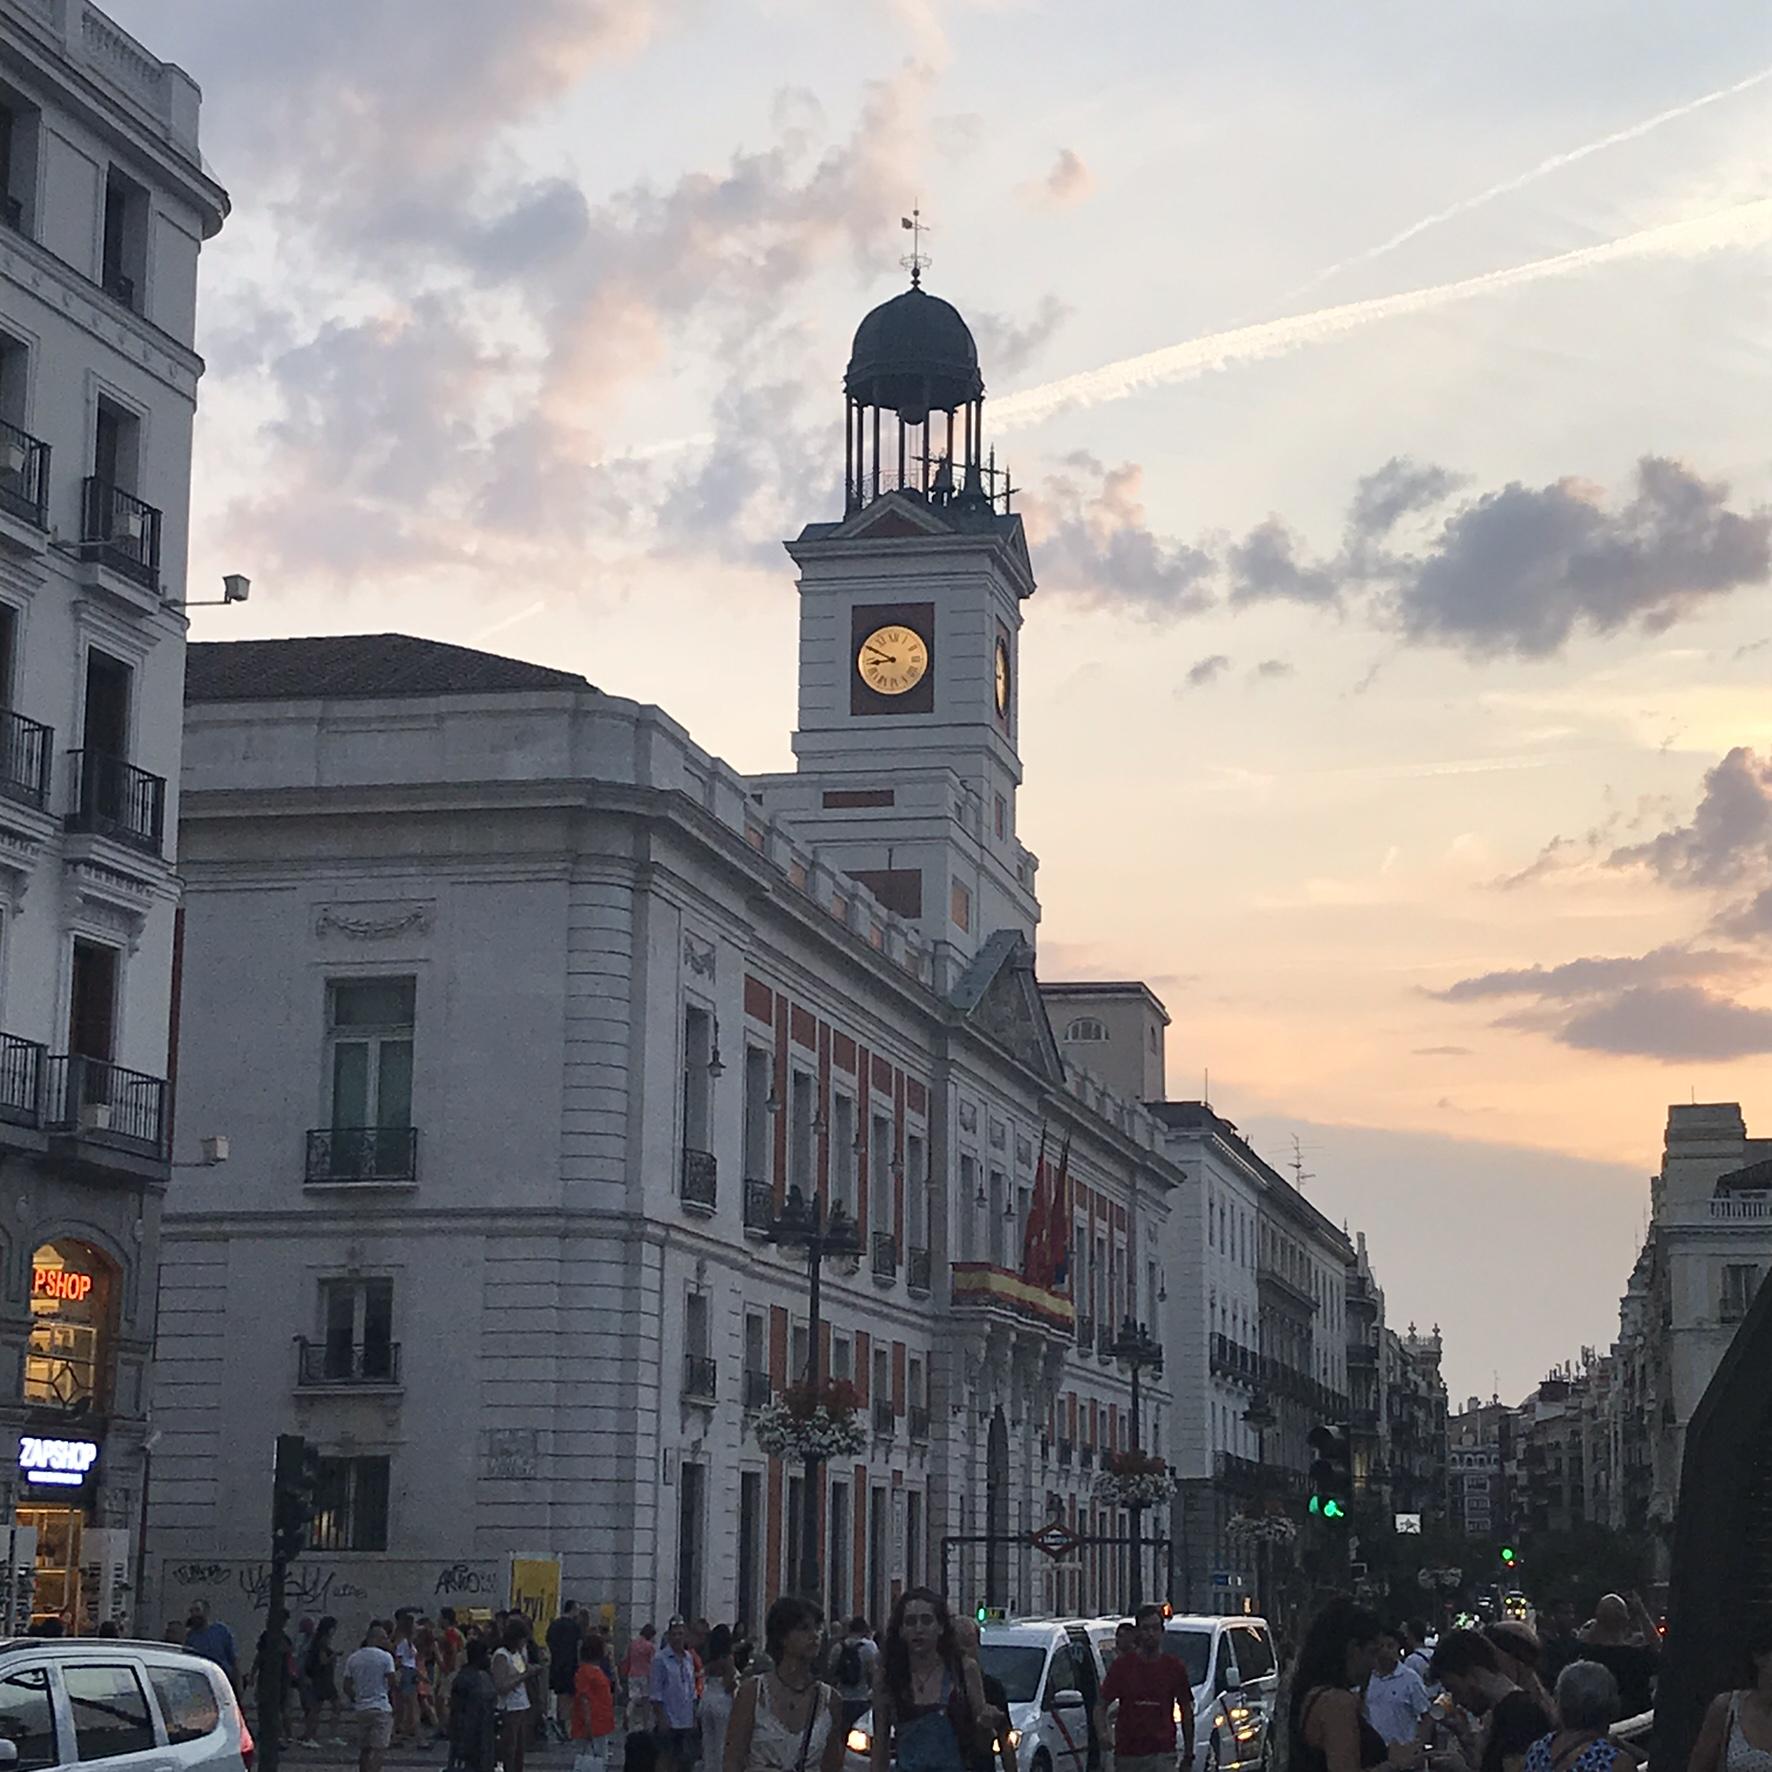 Puerta del Sol Madrid - torre orologio - aspassoperlaspagna.it